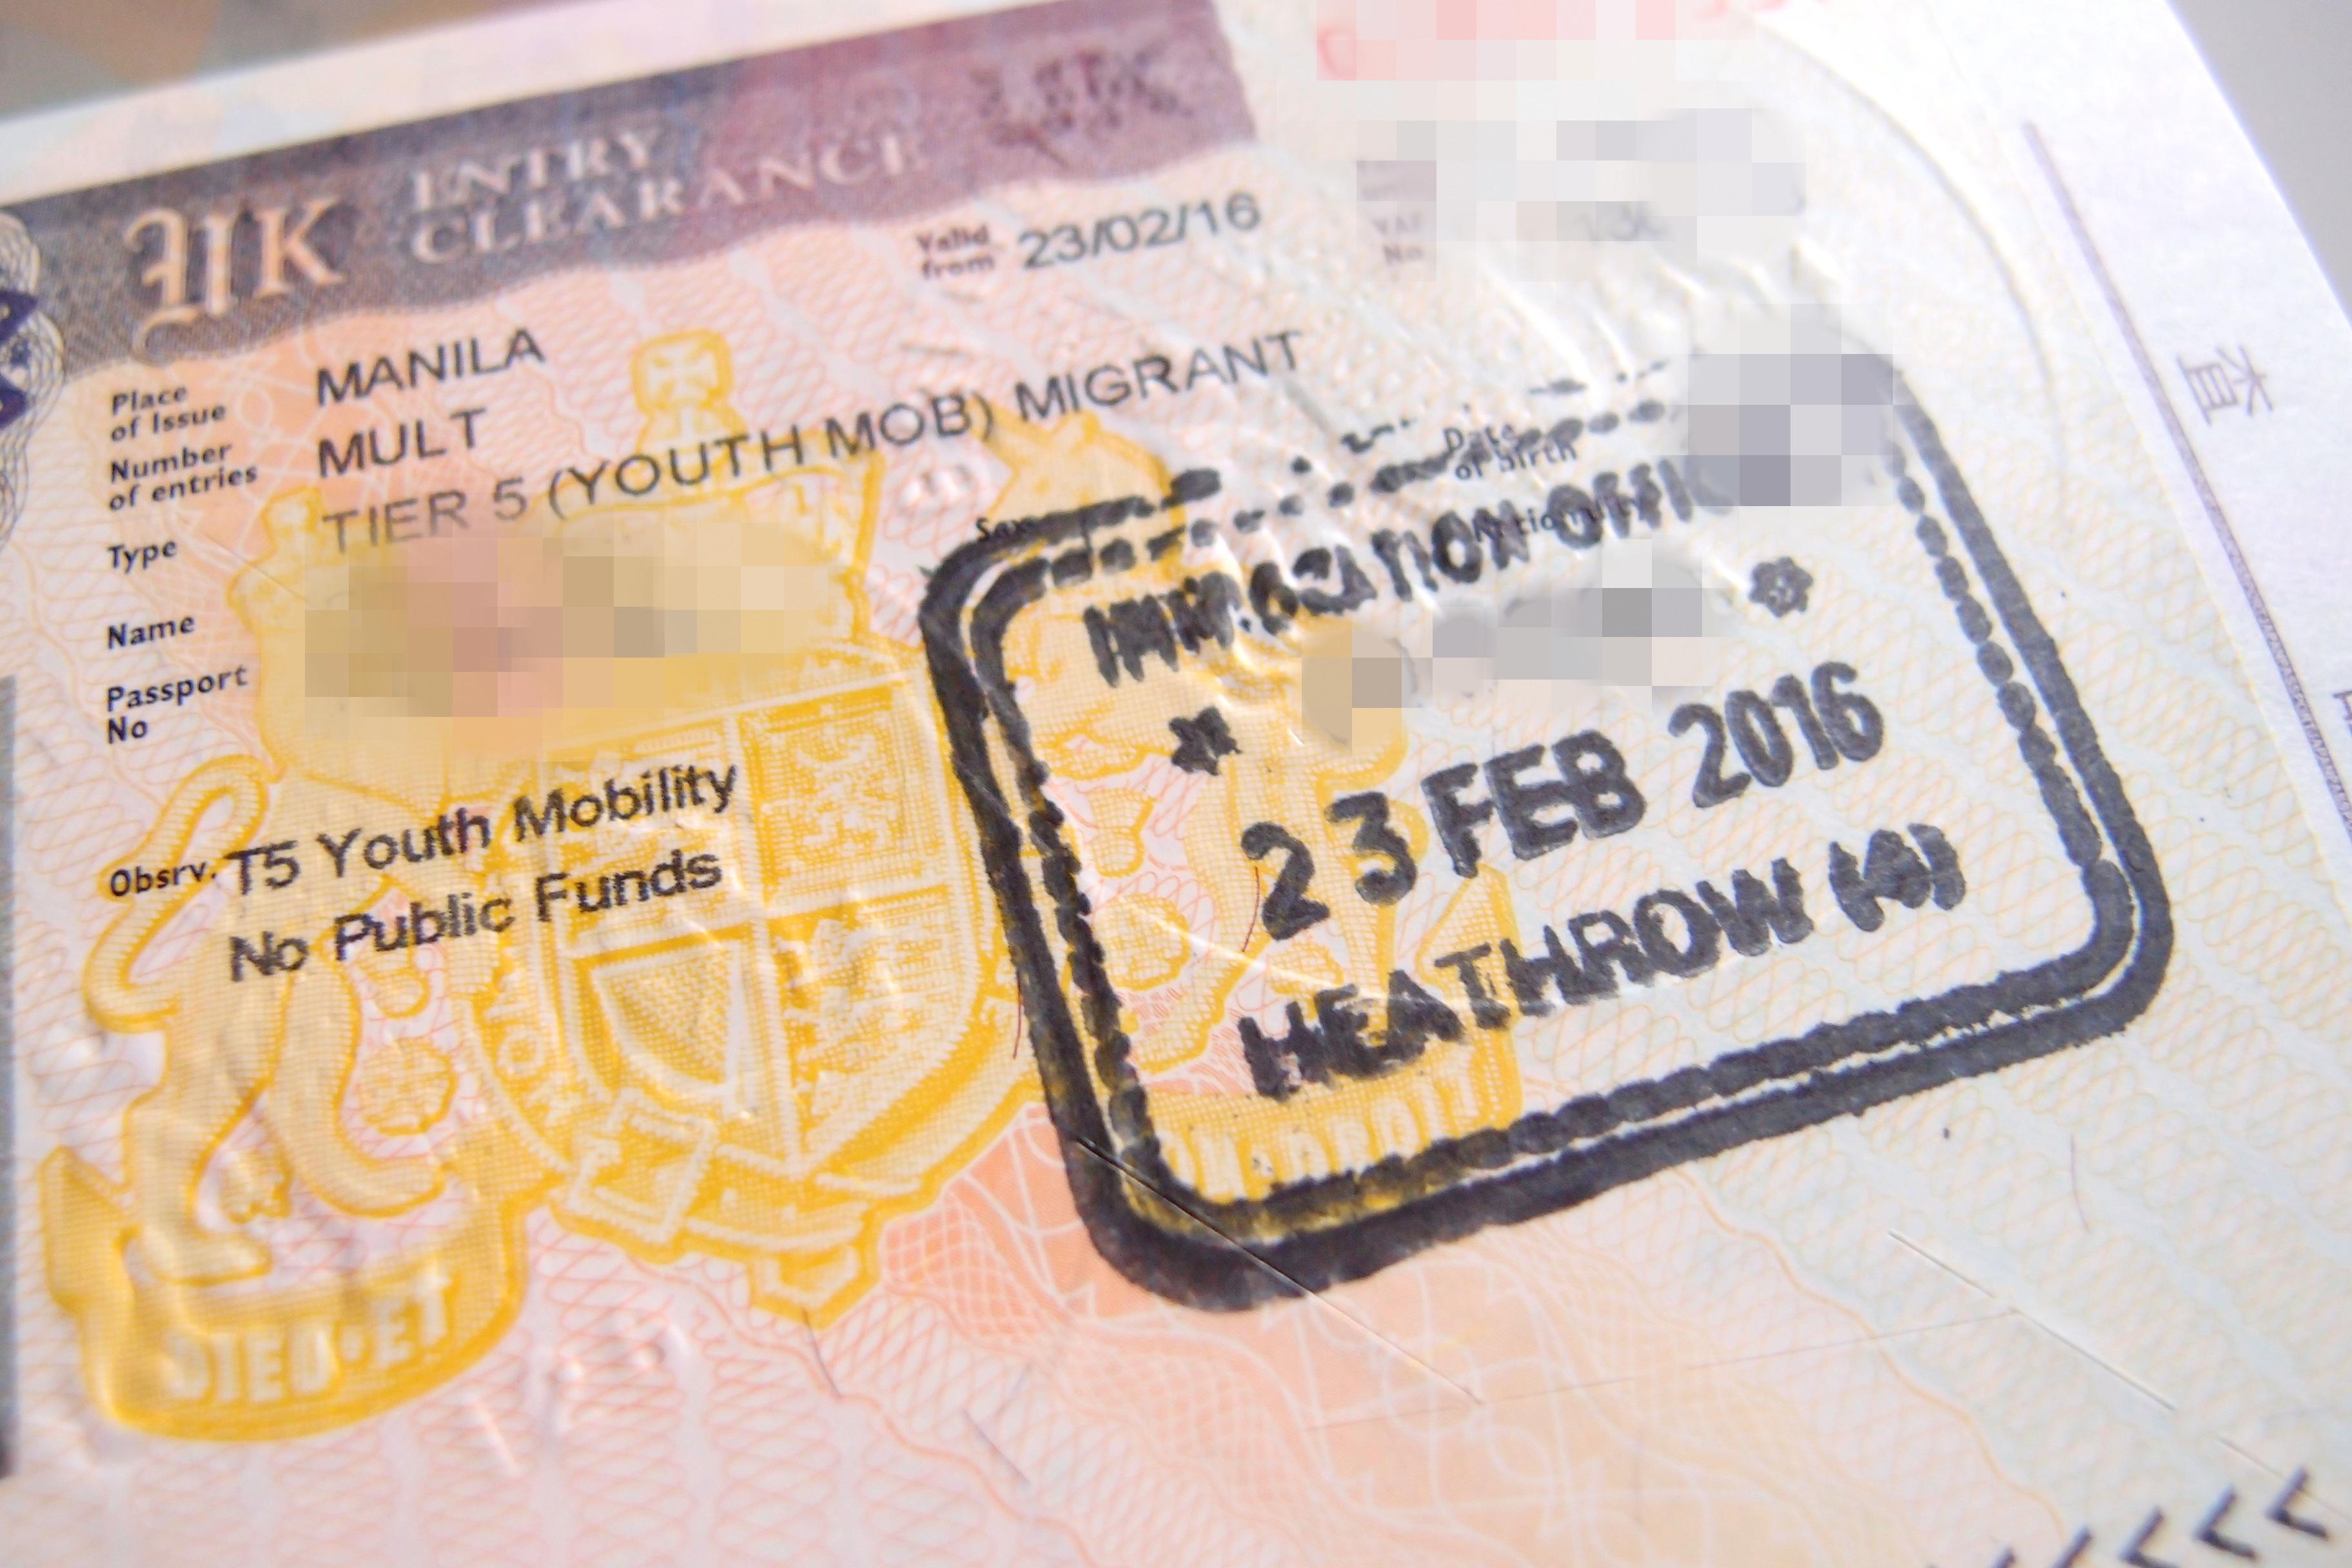 厳しいと評判のイギリスの入国審査は、本当に厳しいものなのか